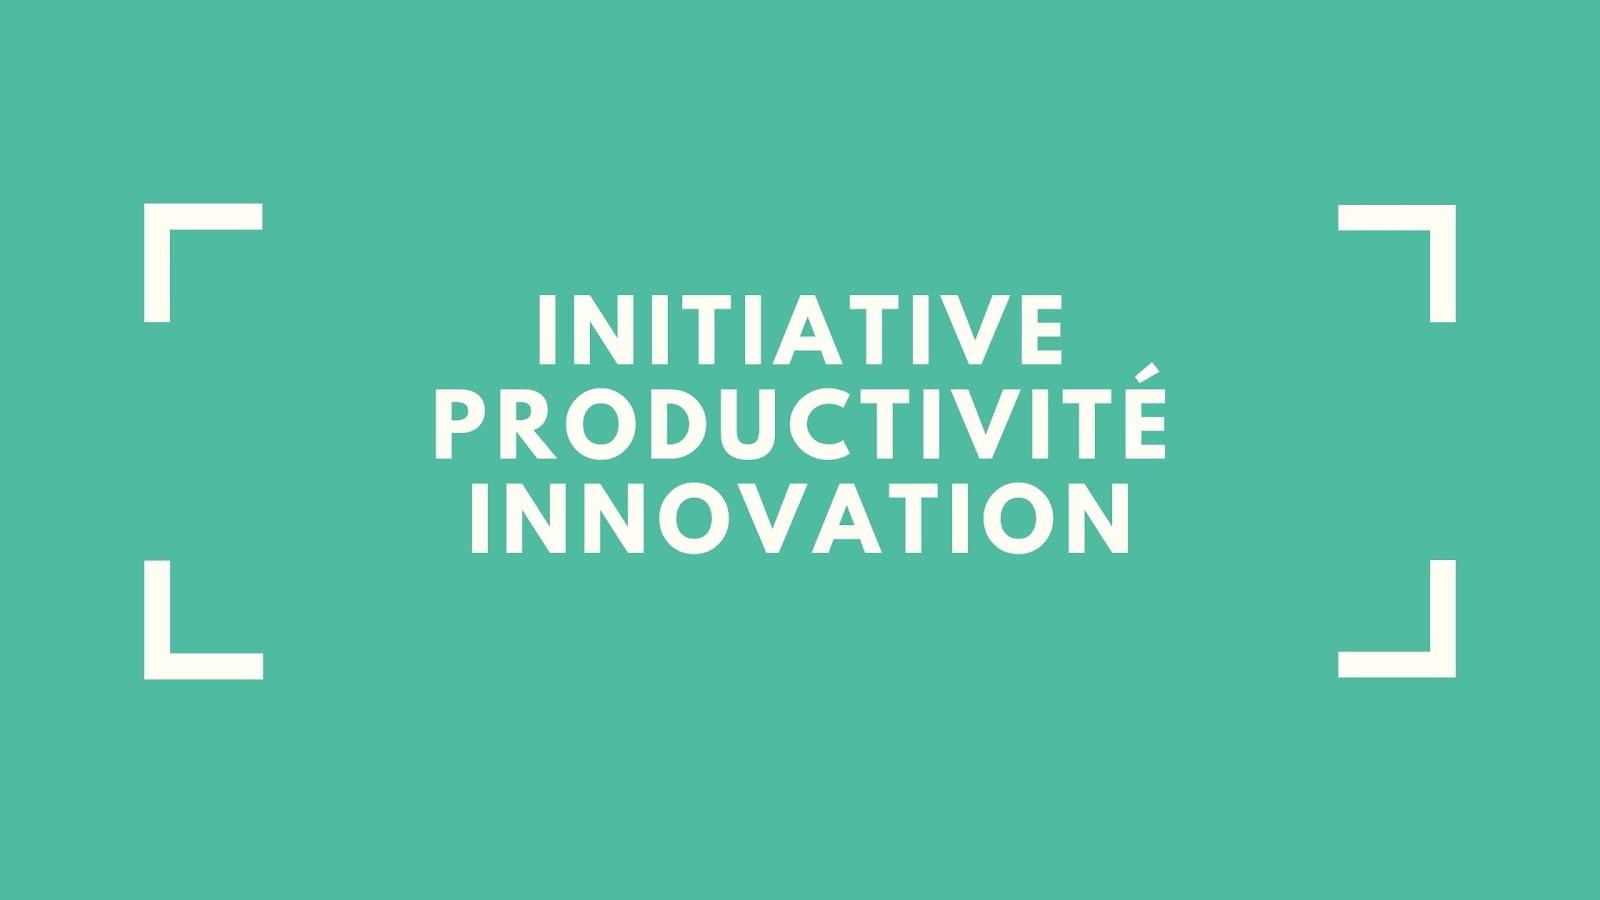 Le programme Initiative Productivité Innovation d'investissement Québec pour soutenir l'innovation et les technologies dans les entreprises